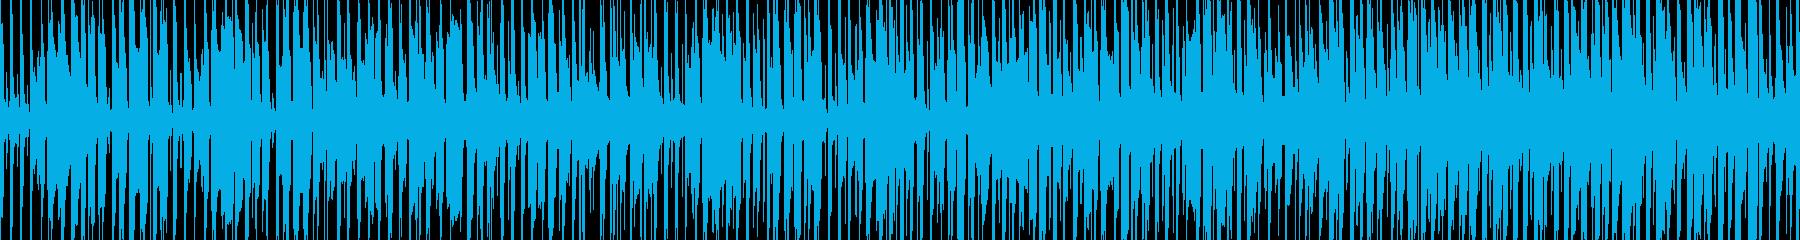 ぴこぴこしたエレピが特徴的 軽快なBGMの再生済みの波形